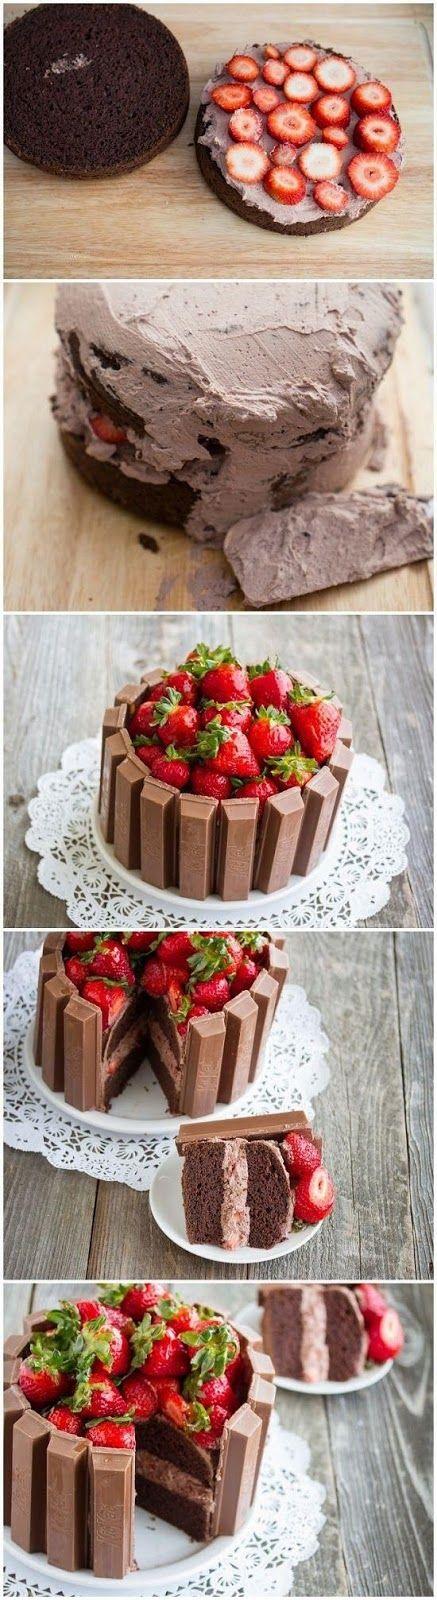 Kit Kat tort z truskawkami   Naleśnik Dla Duszy - ten blog Cię zainspiruje!